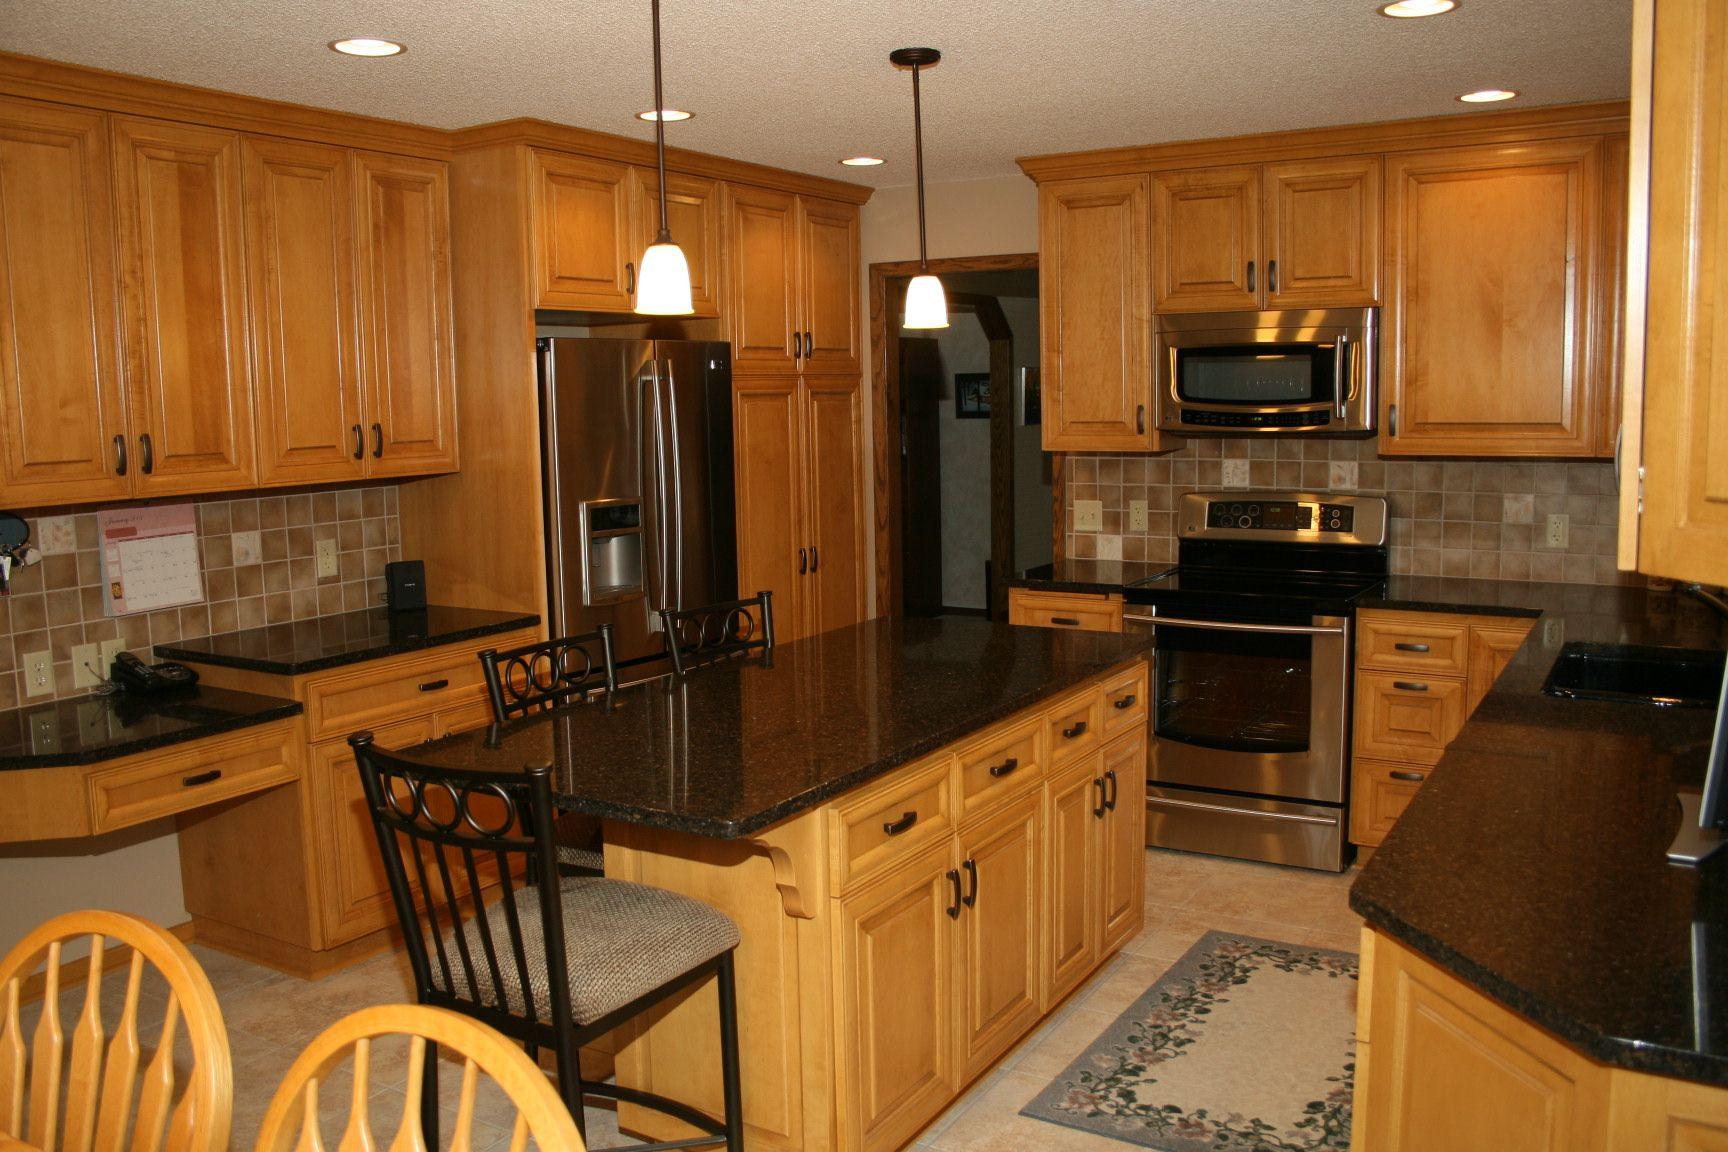 Manual19 Biz Wp Content Uploads 2016 06 Kitchen Backsplash Ideas With Oak Cabinets Fence Gym Shabb Maple Kitchen Cabinets Black Kitchen Countertops Oak Kitchen